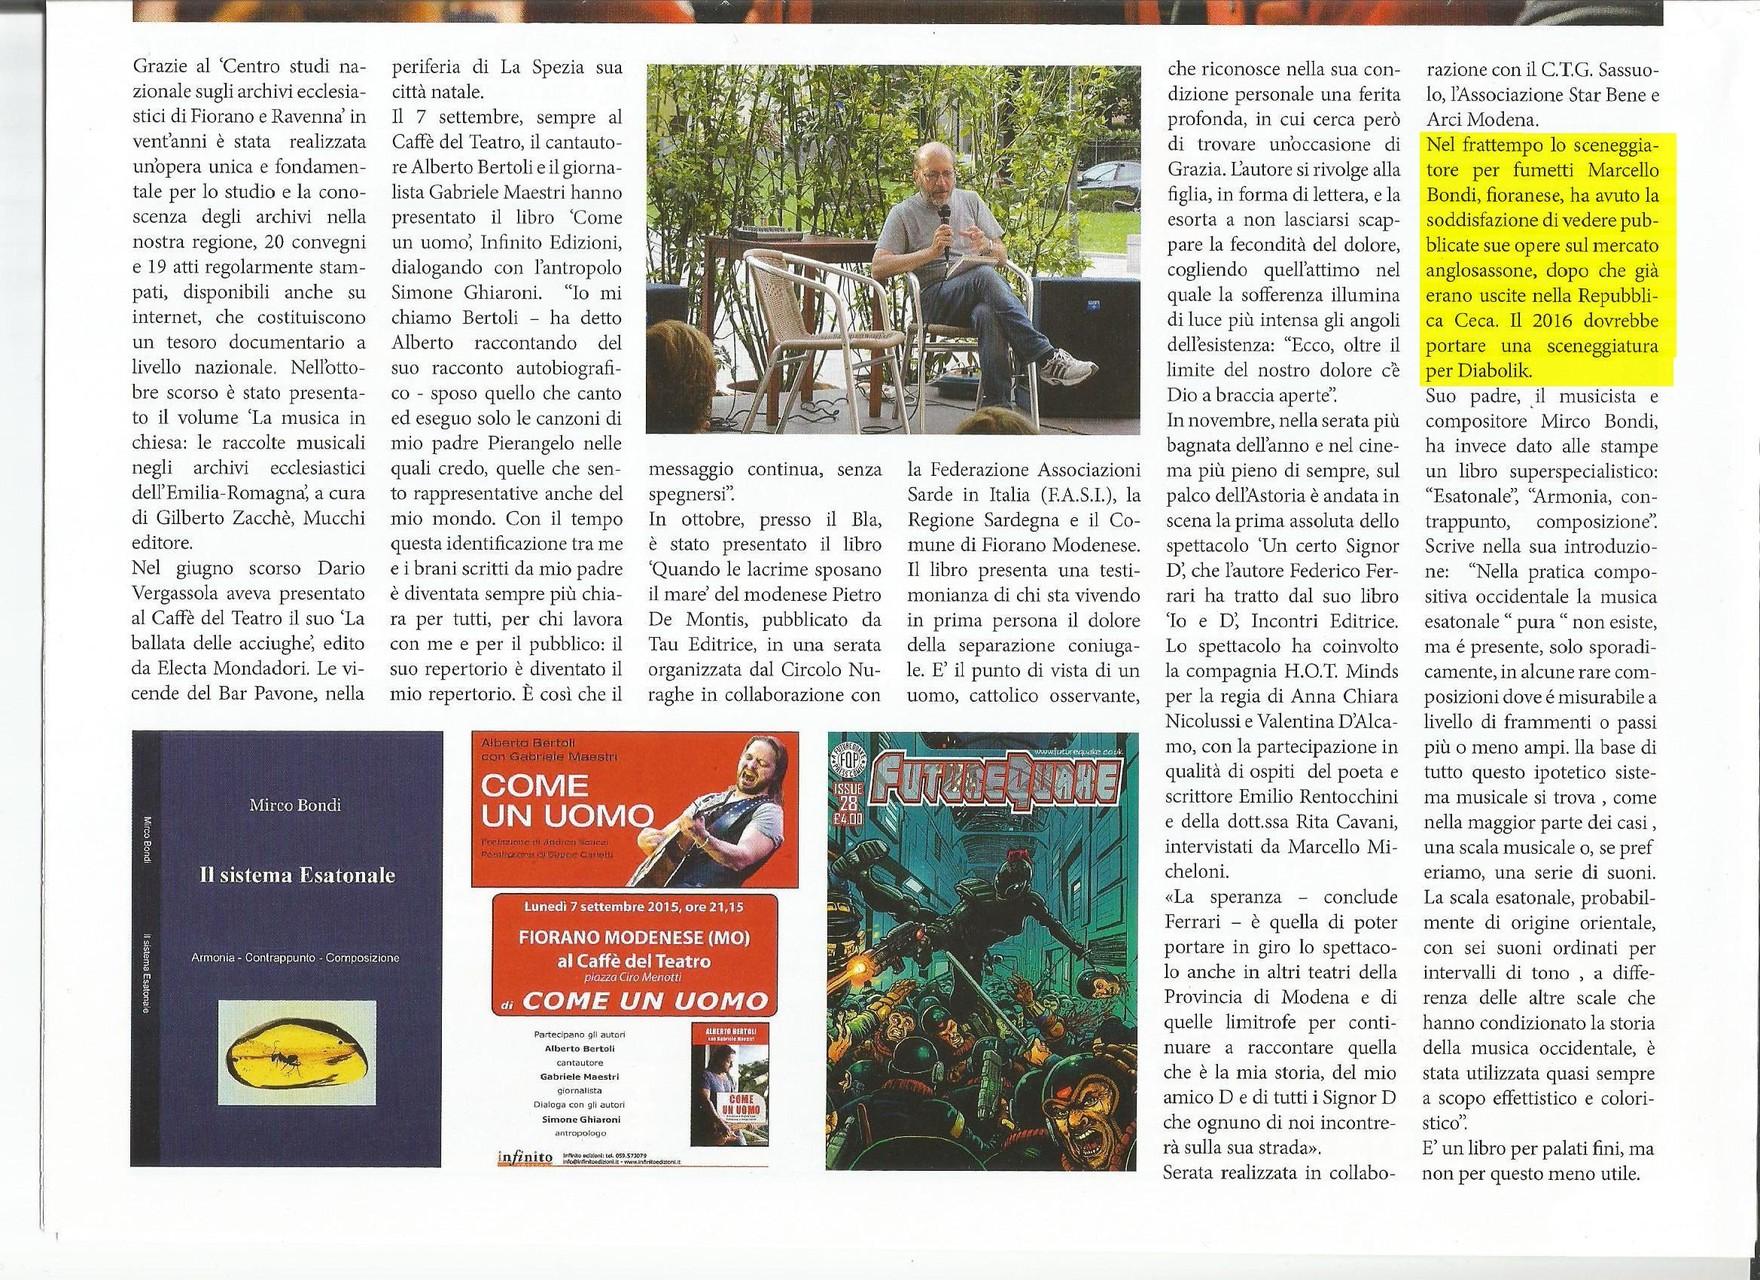 Dicembre 2015 - Giornalino Di Fiorano Modenese